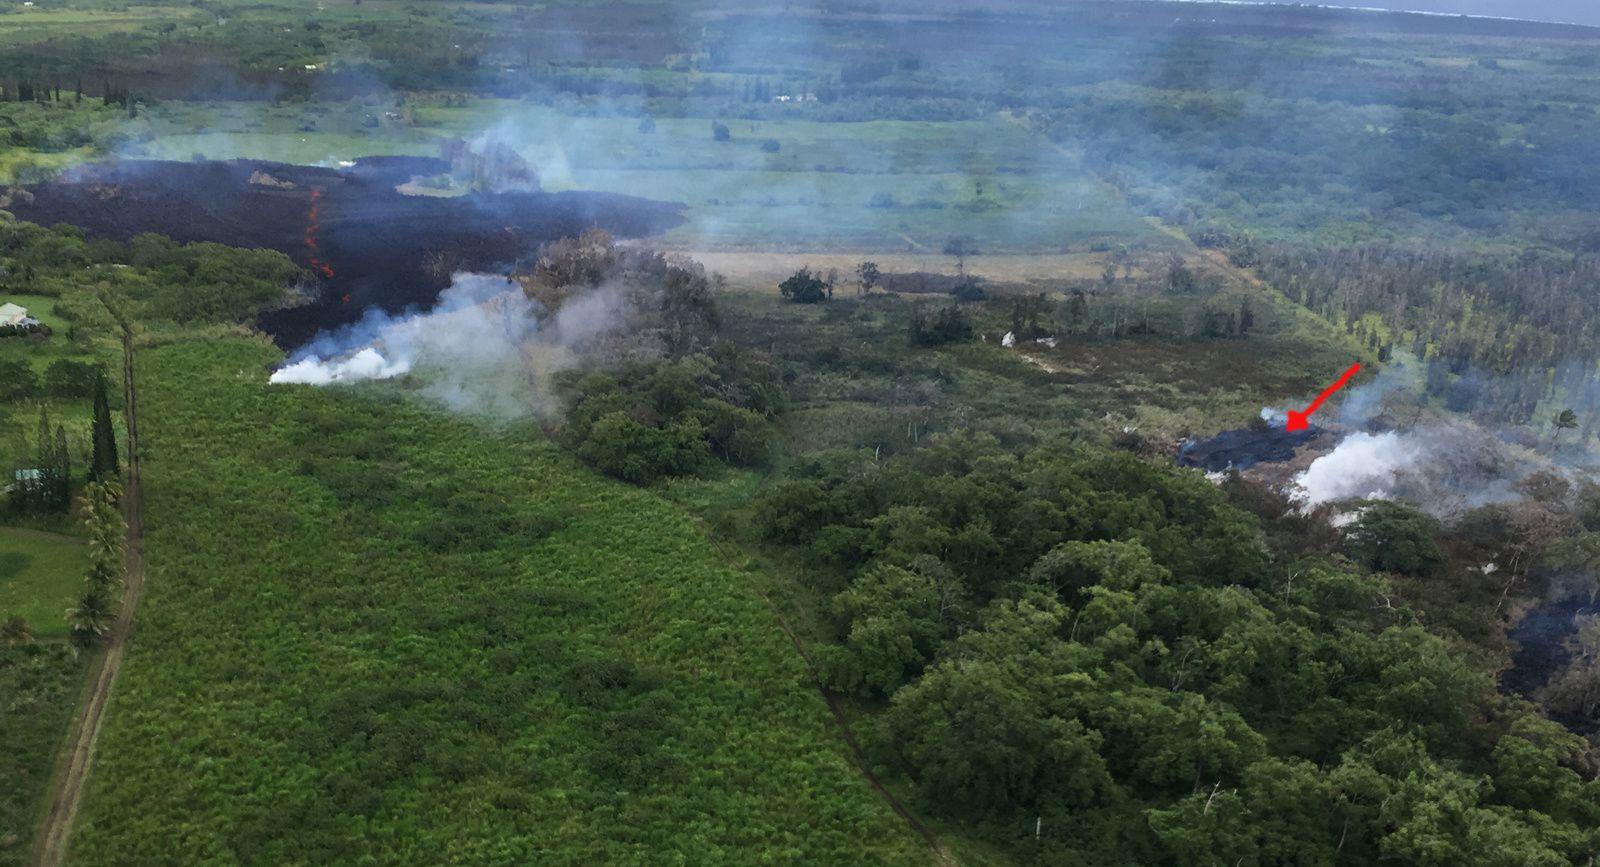 Kilauea - zone de rift Est : Aux alentours de 14 heures HST, un petit tampon de lave (flèche rouge) est apparu entre les fissures 16 et 17, avec stagnation de la fissure; ce petit outbreak a été désigné fissure #18.